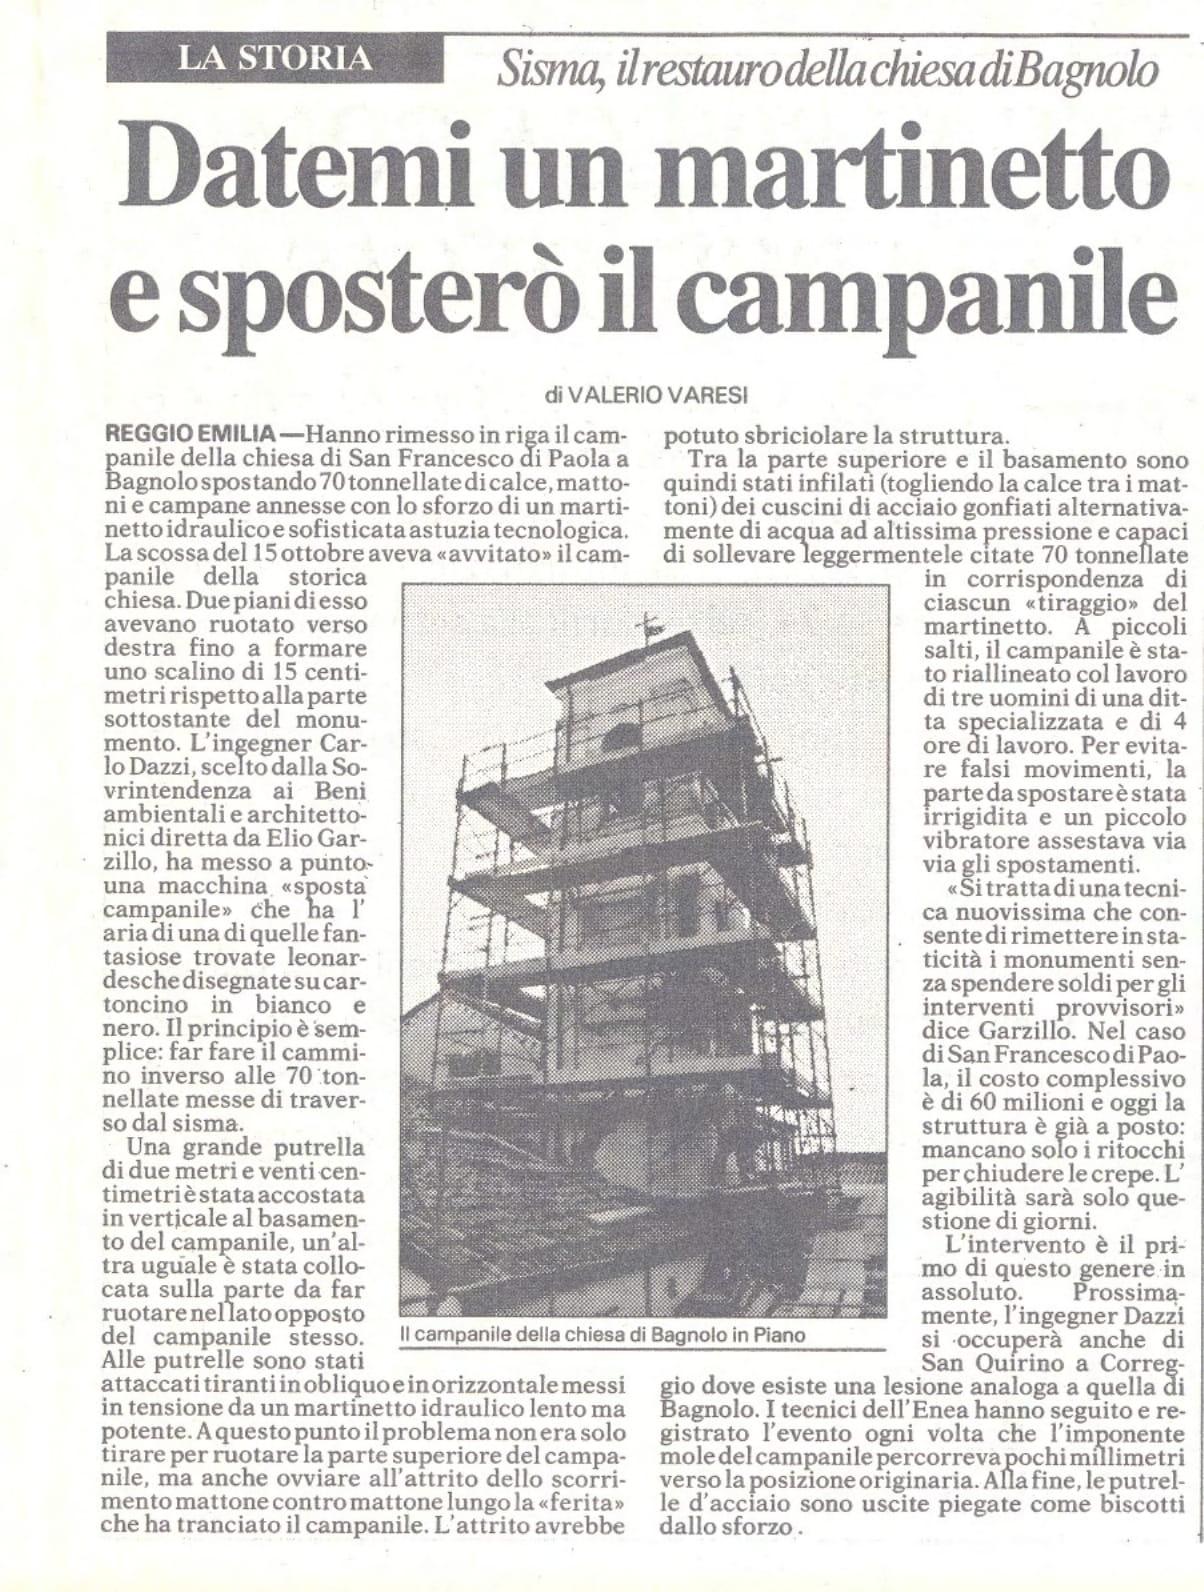 Datemi un martinetto e sposterò il campanile (Di Valerio Varesi) - Sisma, il restauro della Chiesa di Bagnolo (RE), da parte di ITON SRL.